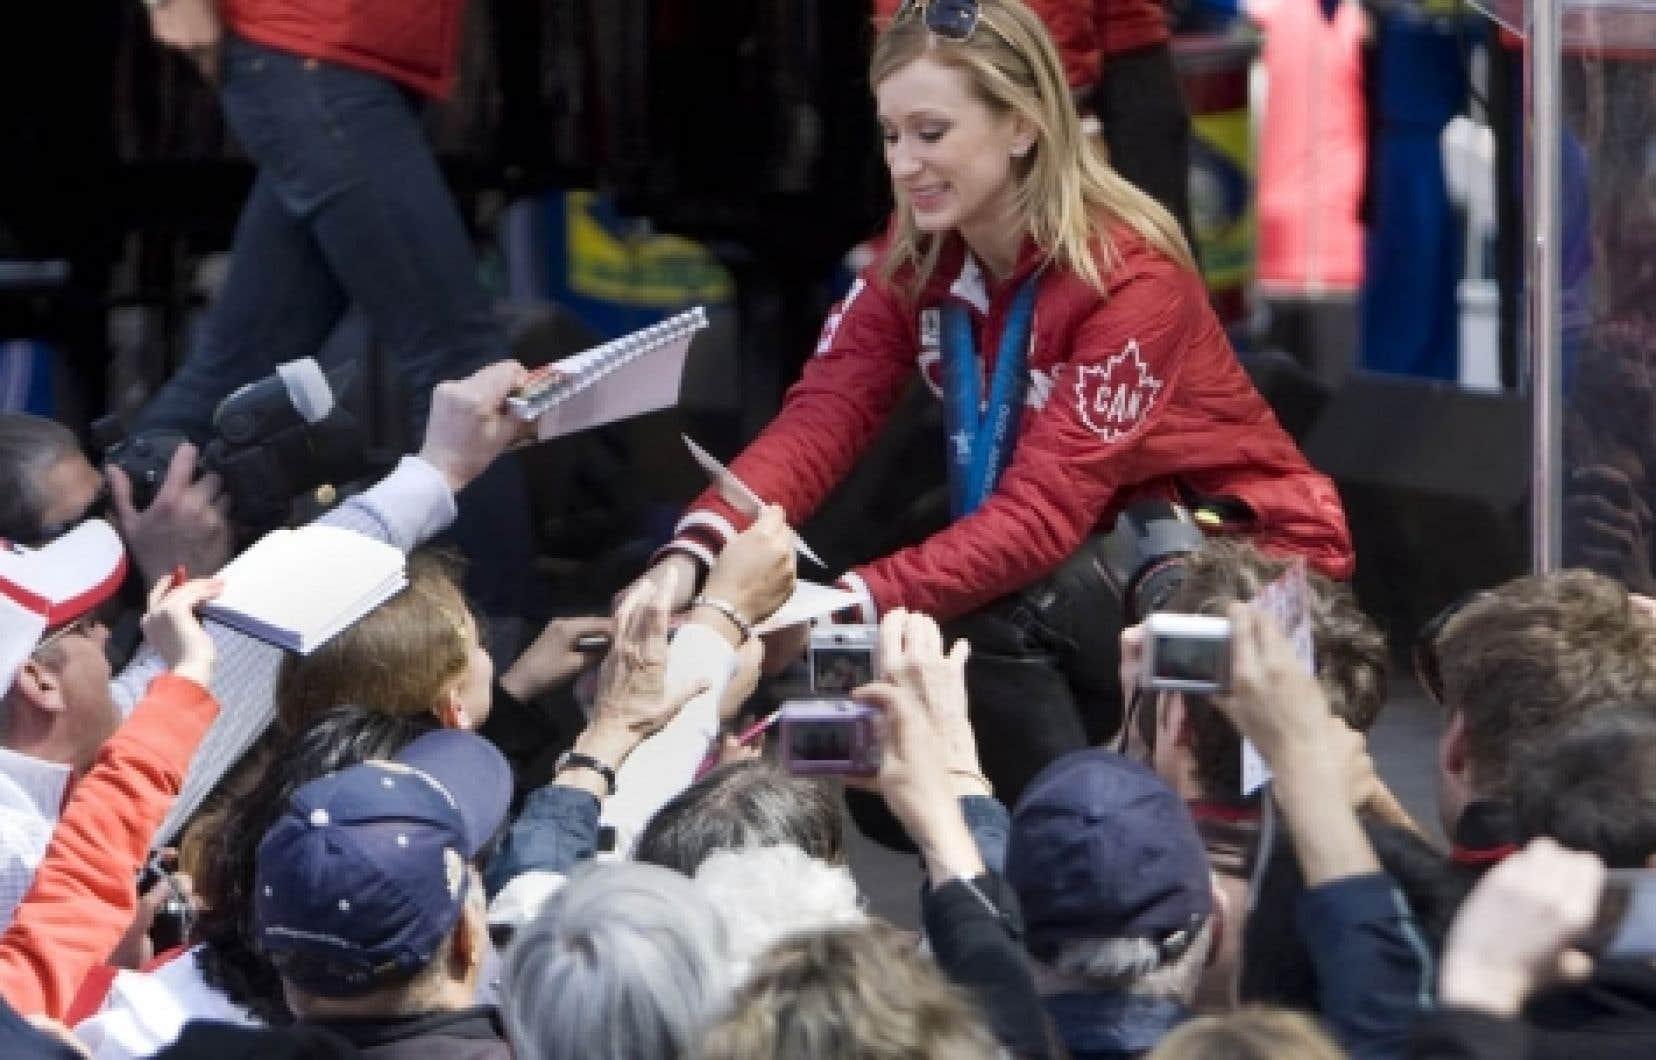 Une foule nombreuse a littéralement assailli la patineuse artistique Joannie Rochette, chaudement applaudie lors du défilé d'hier.